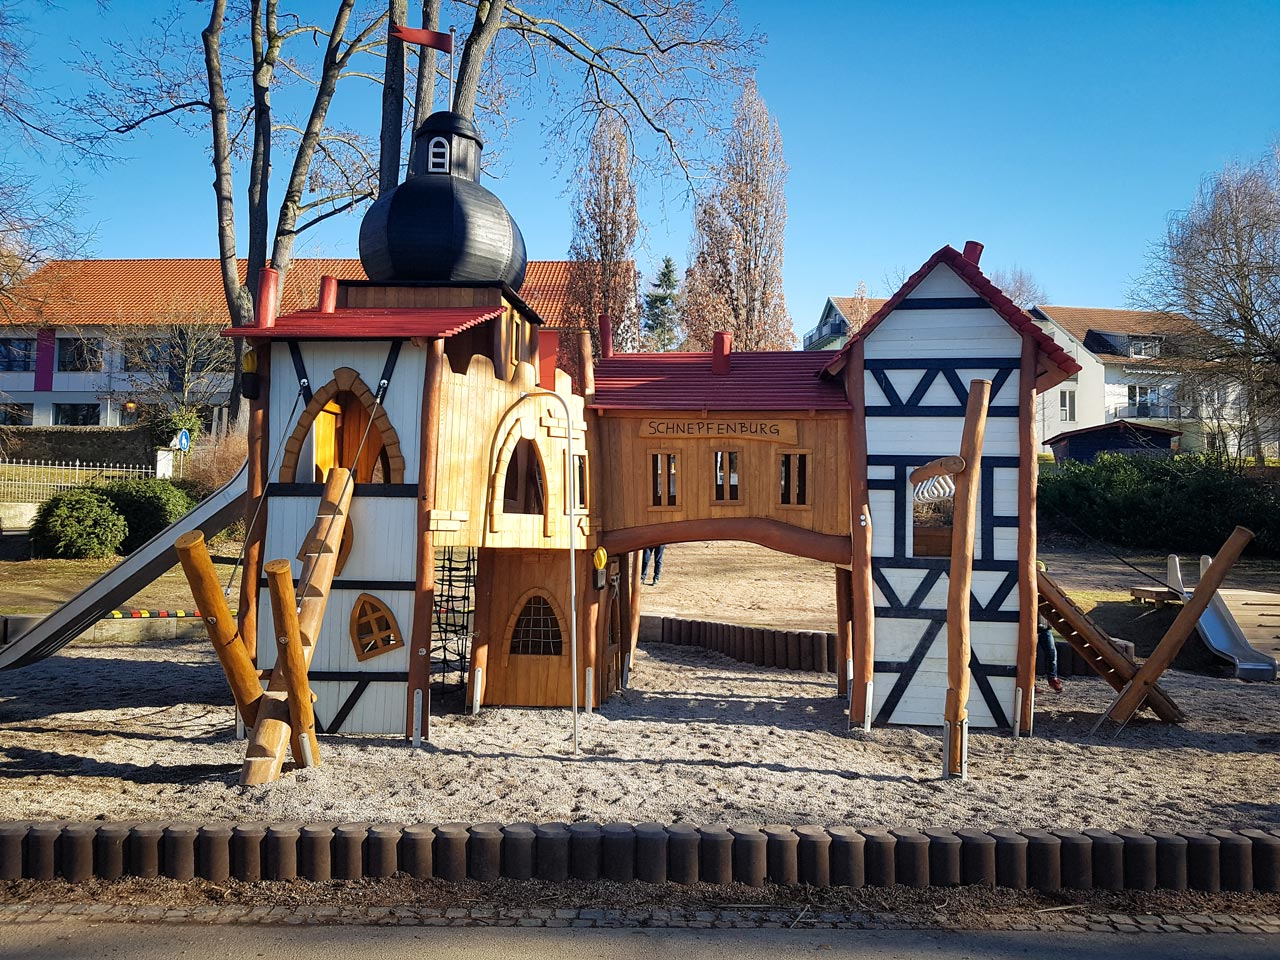 Schnepfenburg, Bad Salzungen